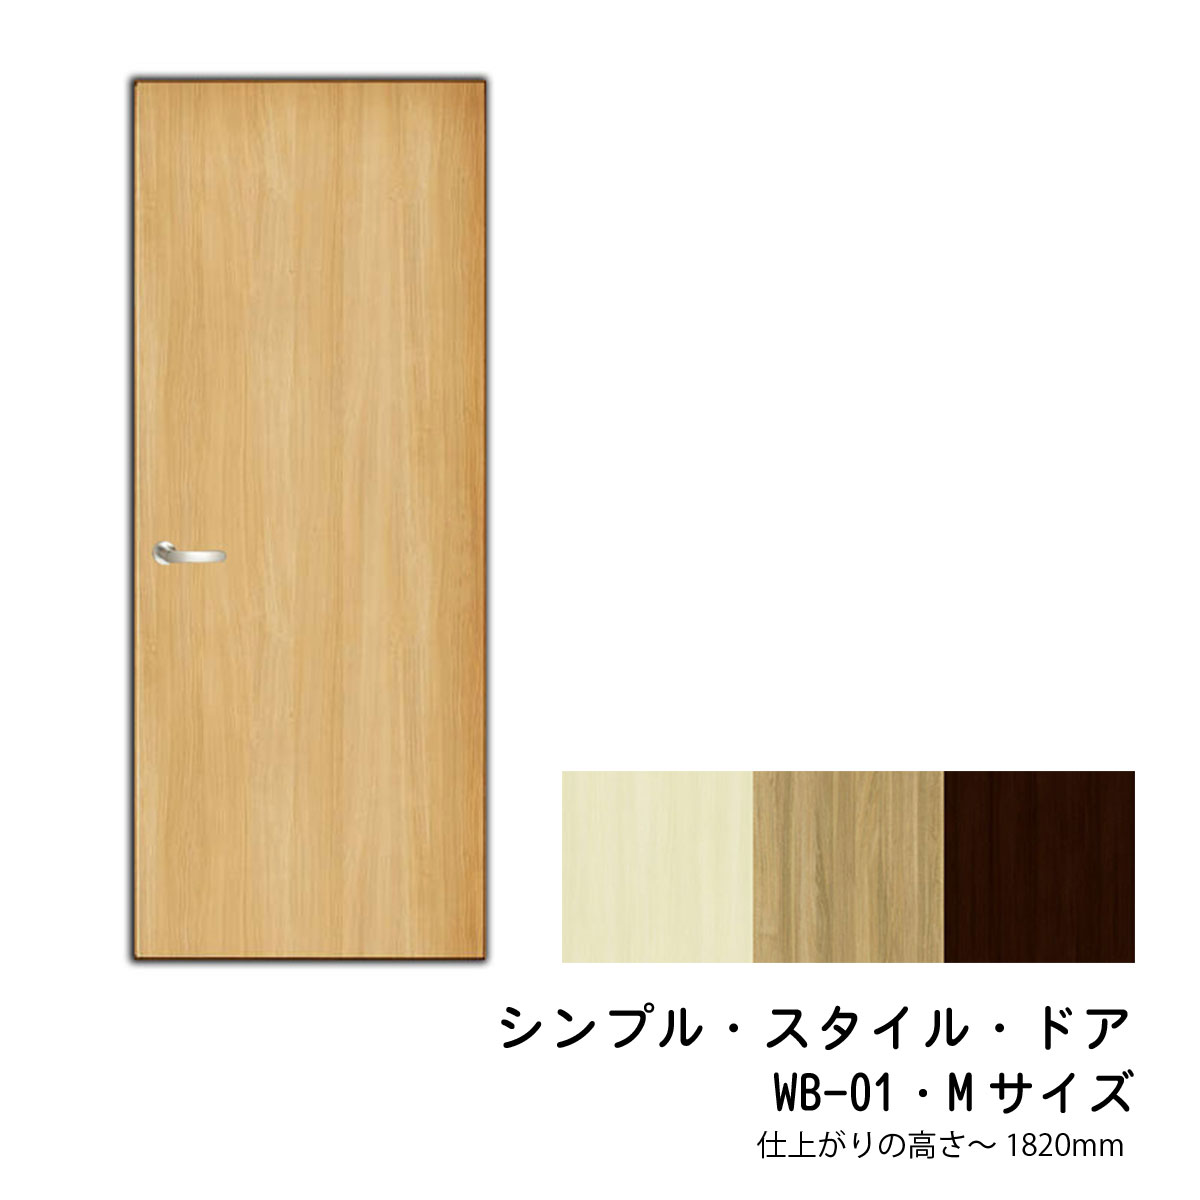 シンプル・スタイル・ドアWB-01/ Mサイズ(仕上がりの高さ~1820mm)■ふすま(襖)を洋風建具にリフォーム(door/扉/ふすま/襖/襖紙/ふすま/引き戸/ふすま紙/リフォーム)